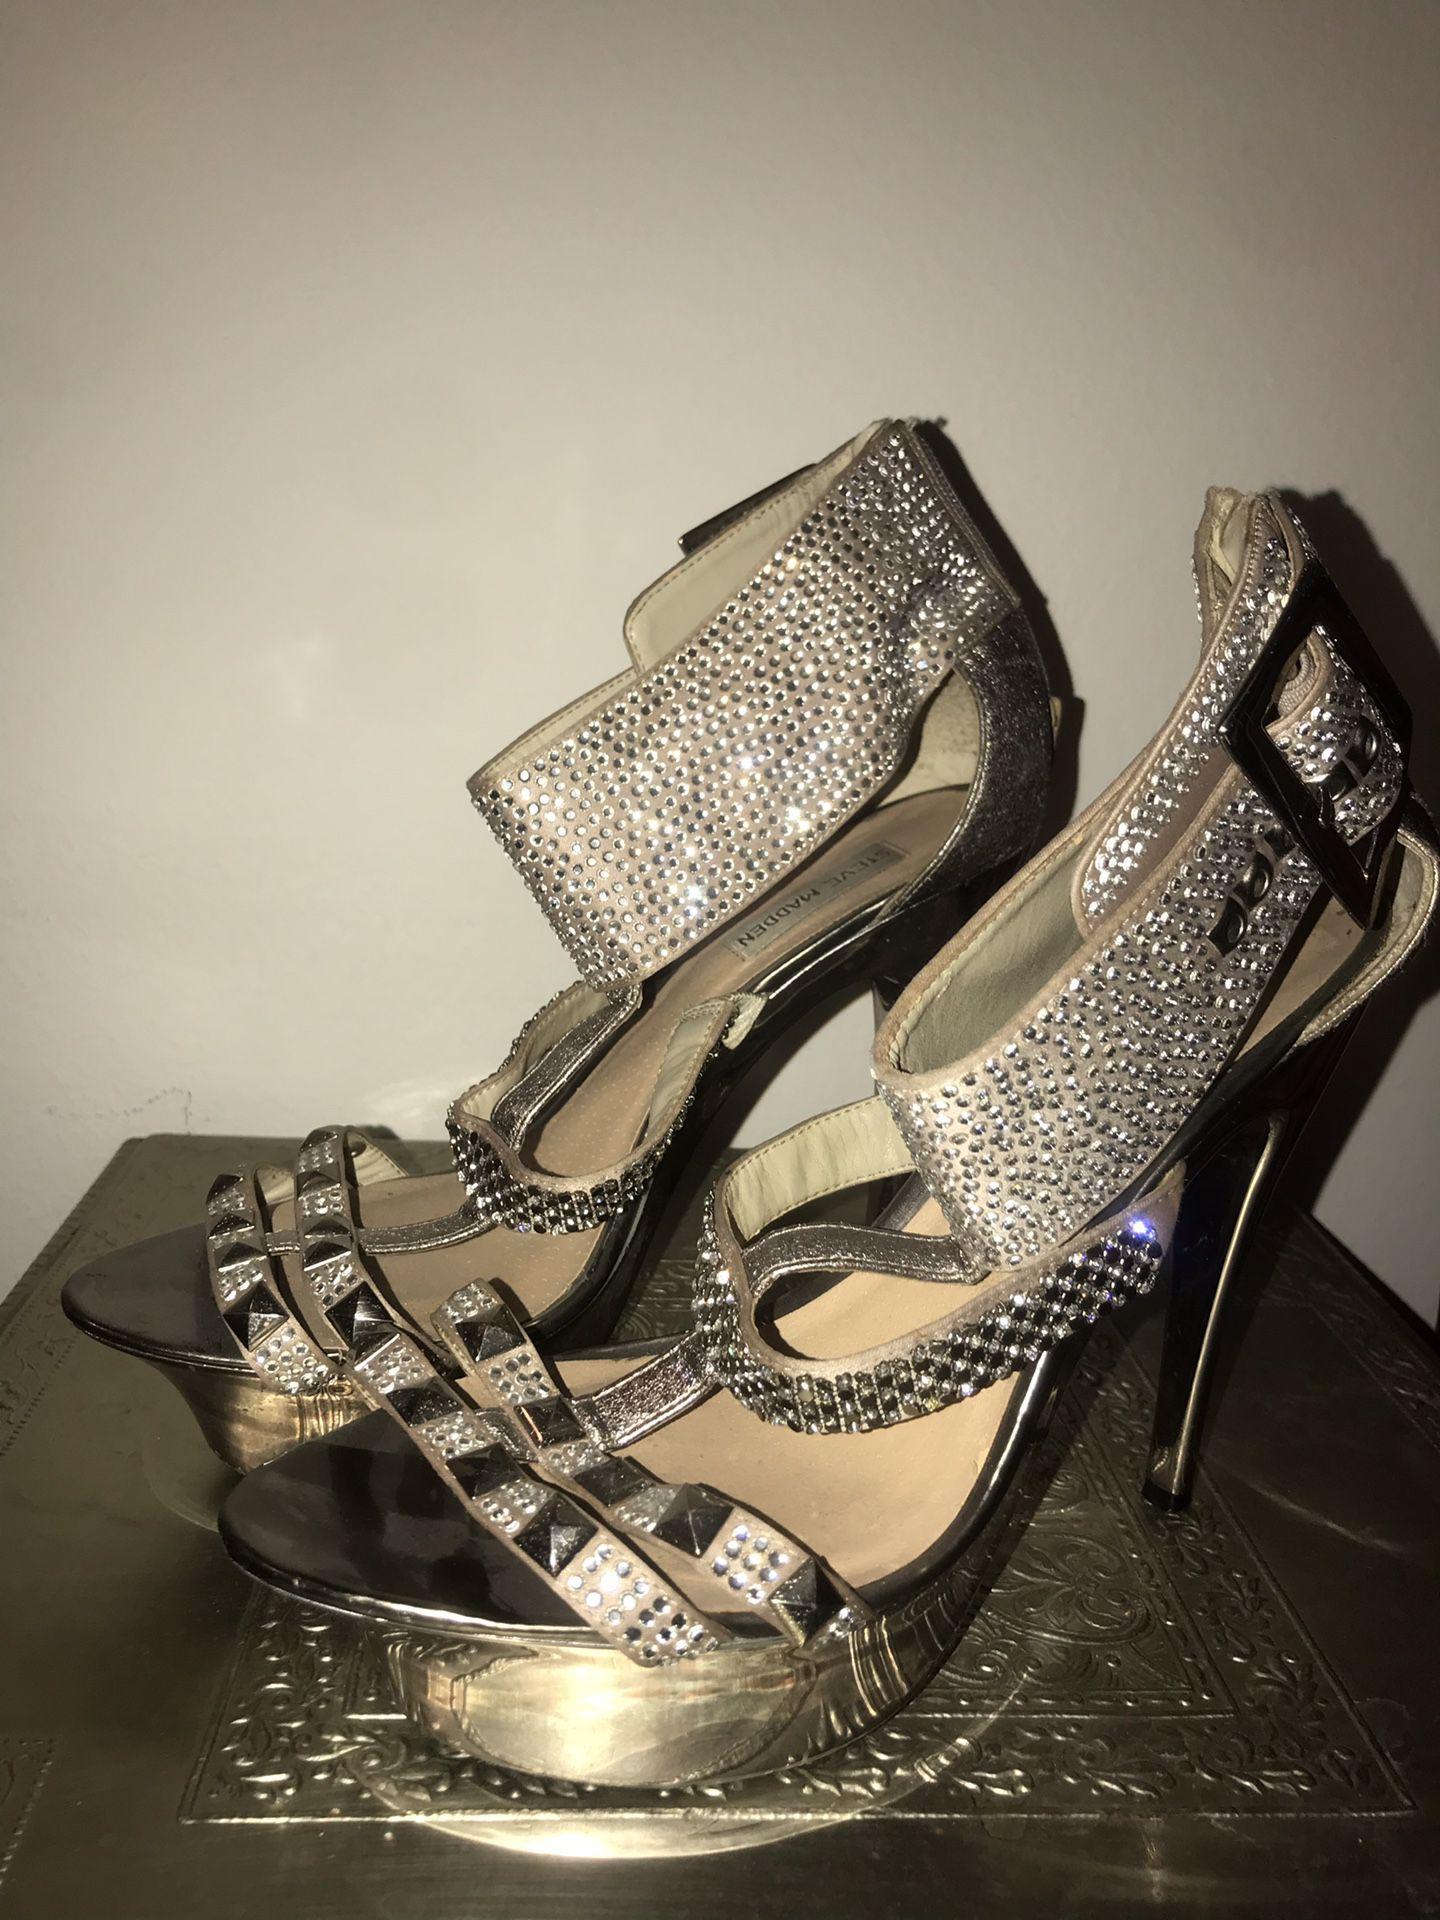 Steve Madden Gold Sparkly Rhinestone Ankle Cuff Stillettos - Size 10